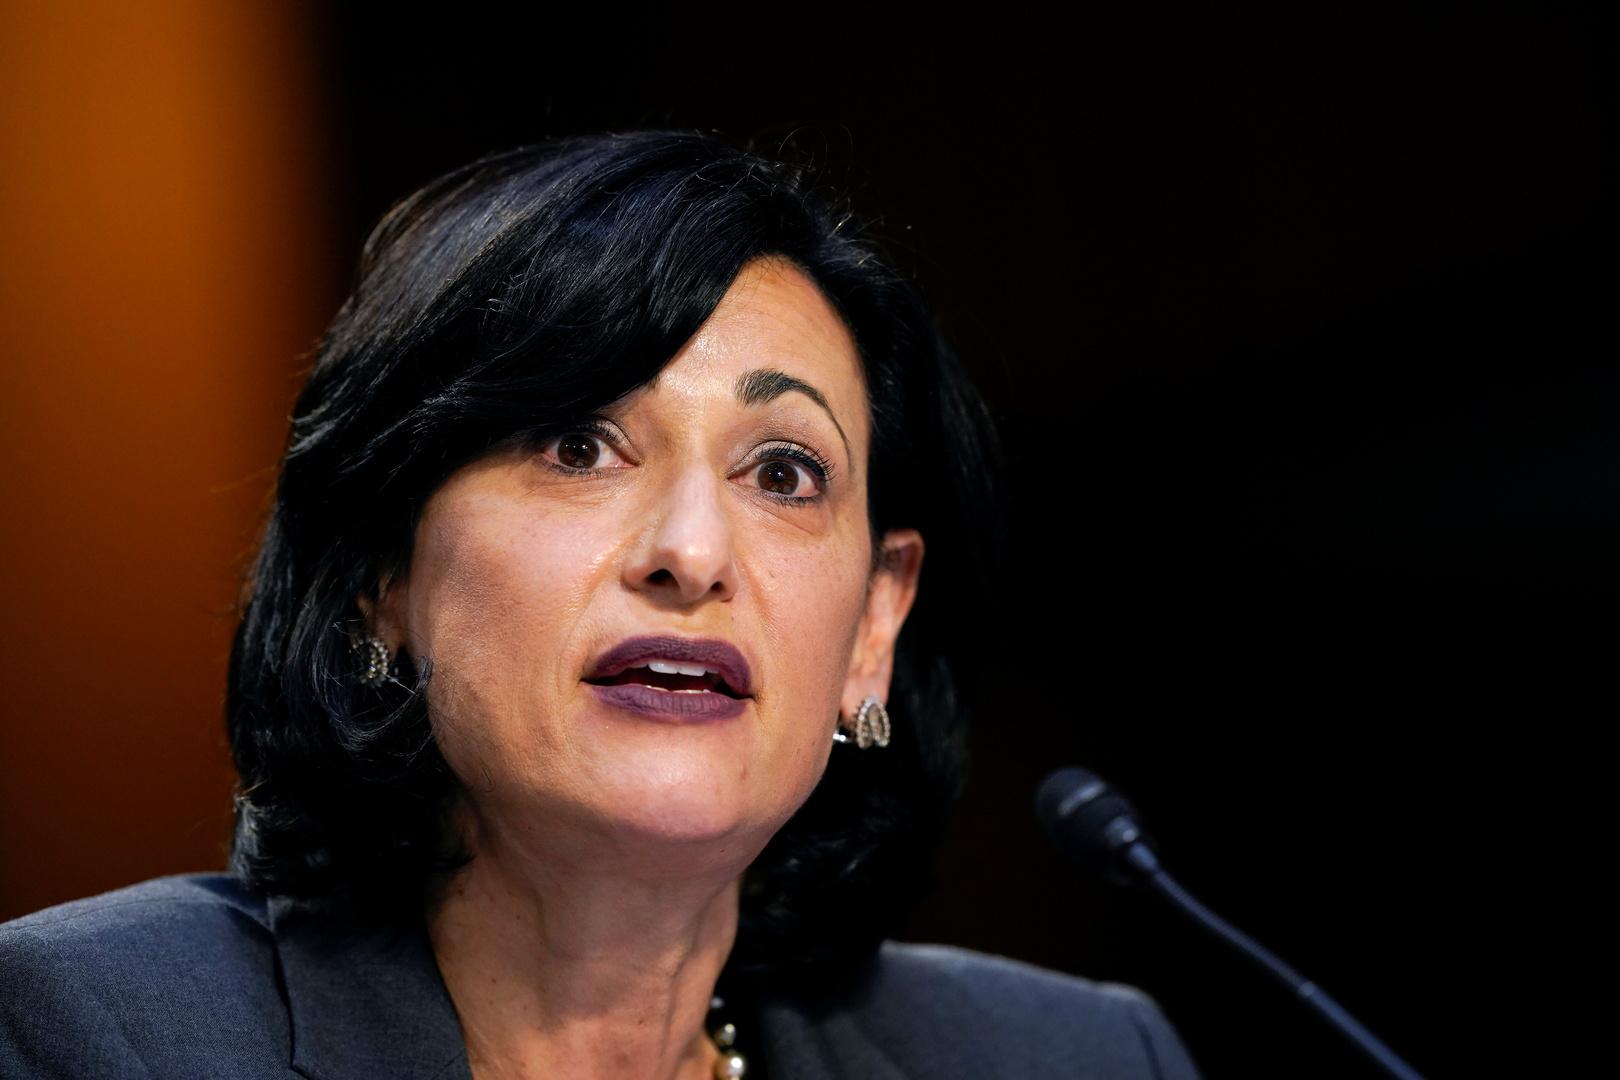 روشيل والينسكي، مديرة المراكز الأمريكية للسيطرة على الأمراض والوقاية